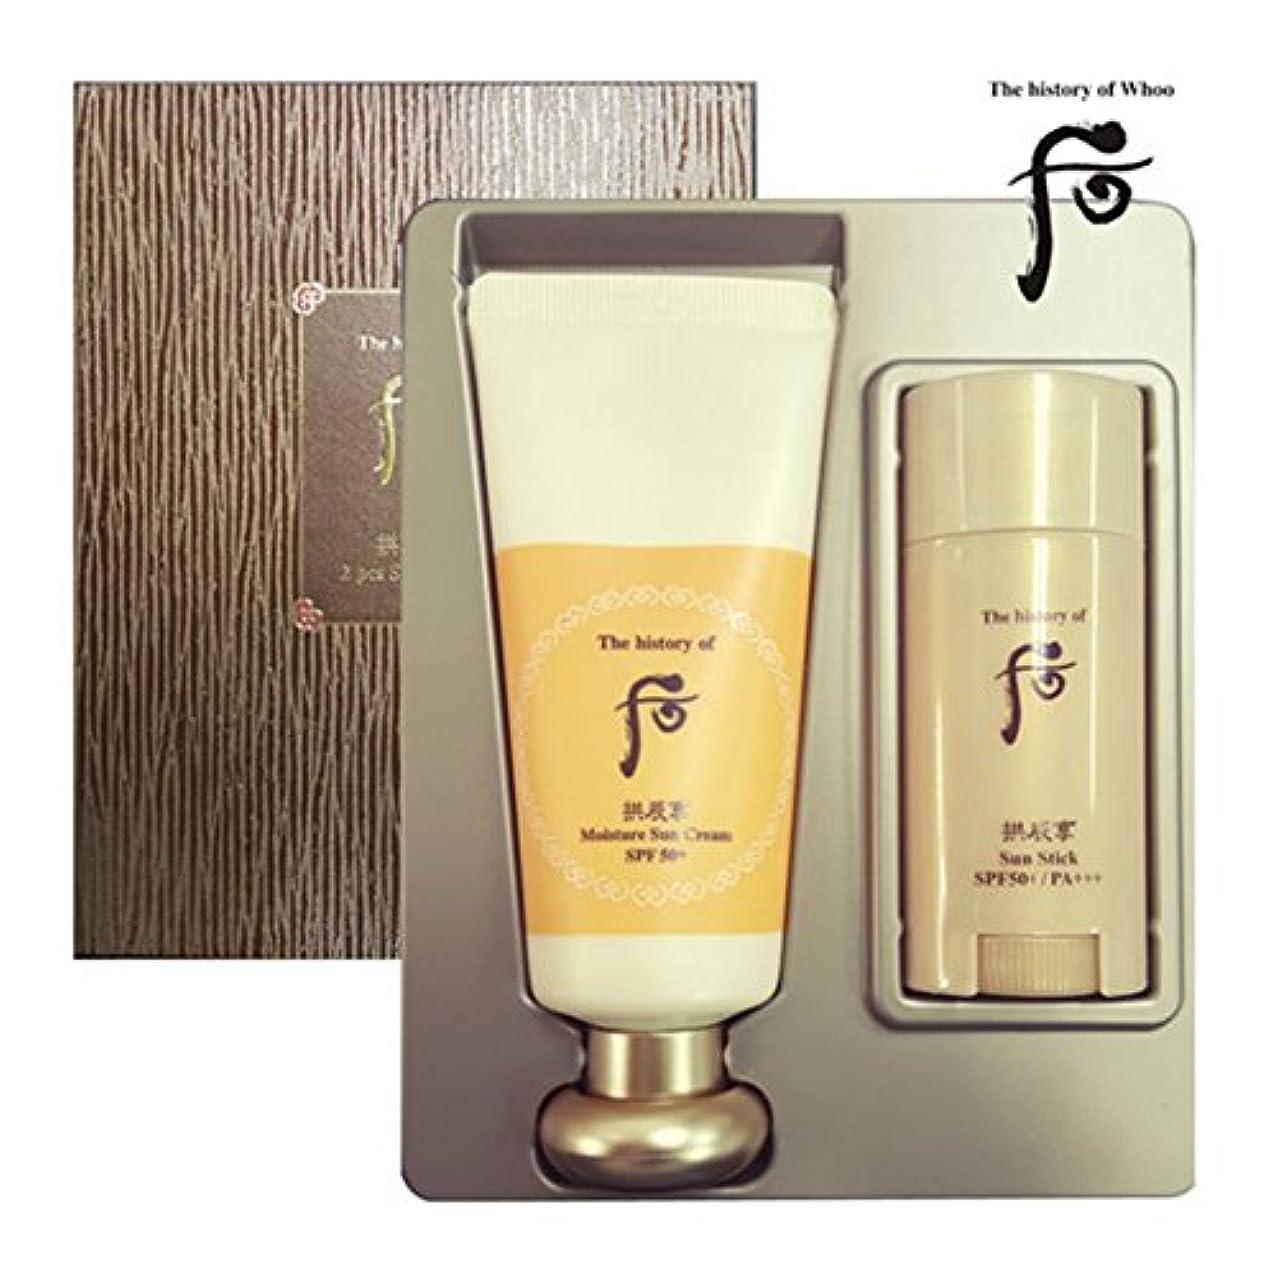 伝導位置づけるドラマ【フー/The history of whoo] Whoo 后 Jin Hae Yoon Sun Cream and Sun Stick Special Set/后(フー) ゴンジンヒャン ジン ヘユン サンクリーム&サンスティック2種セット [SPF50+/PA+++] + [Sample Gift](海外直送品)